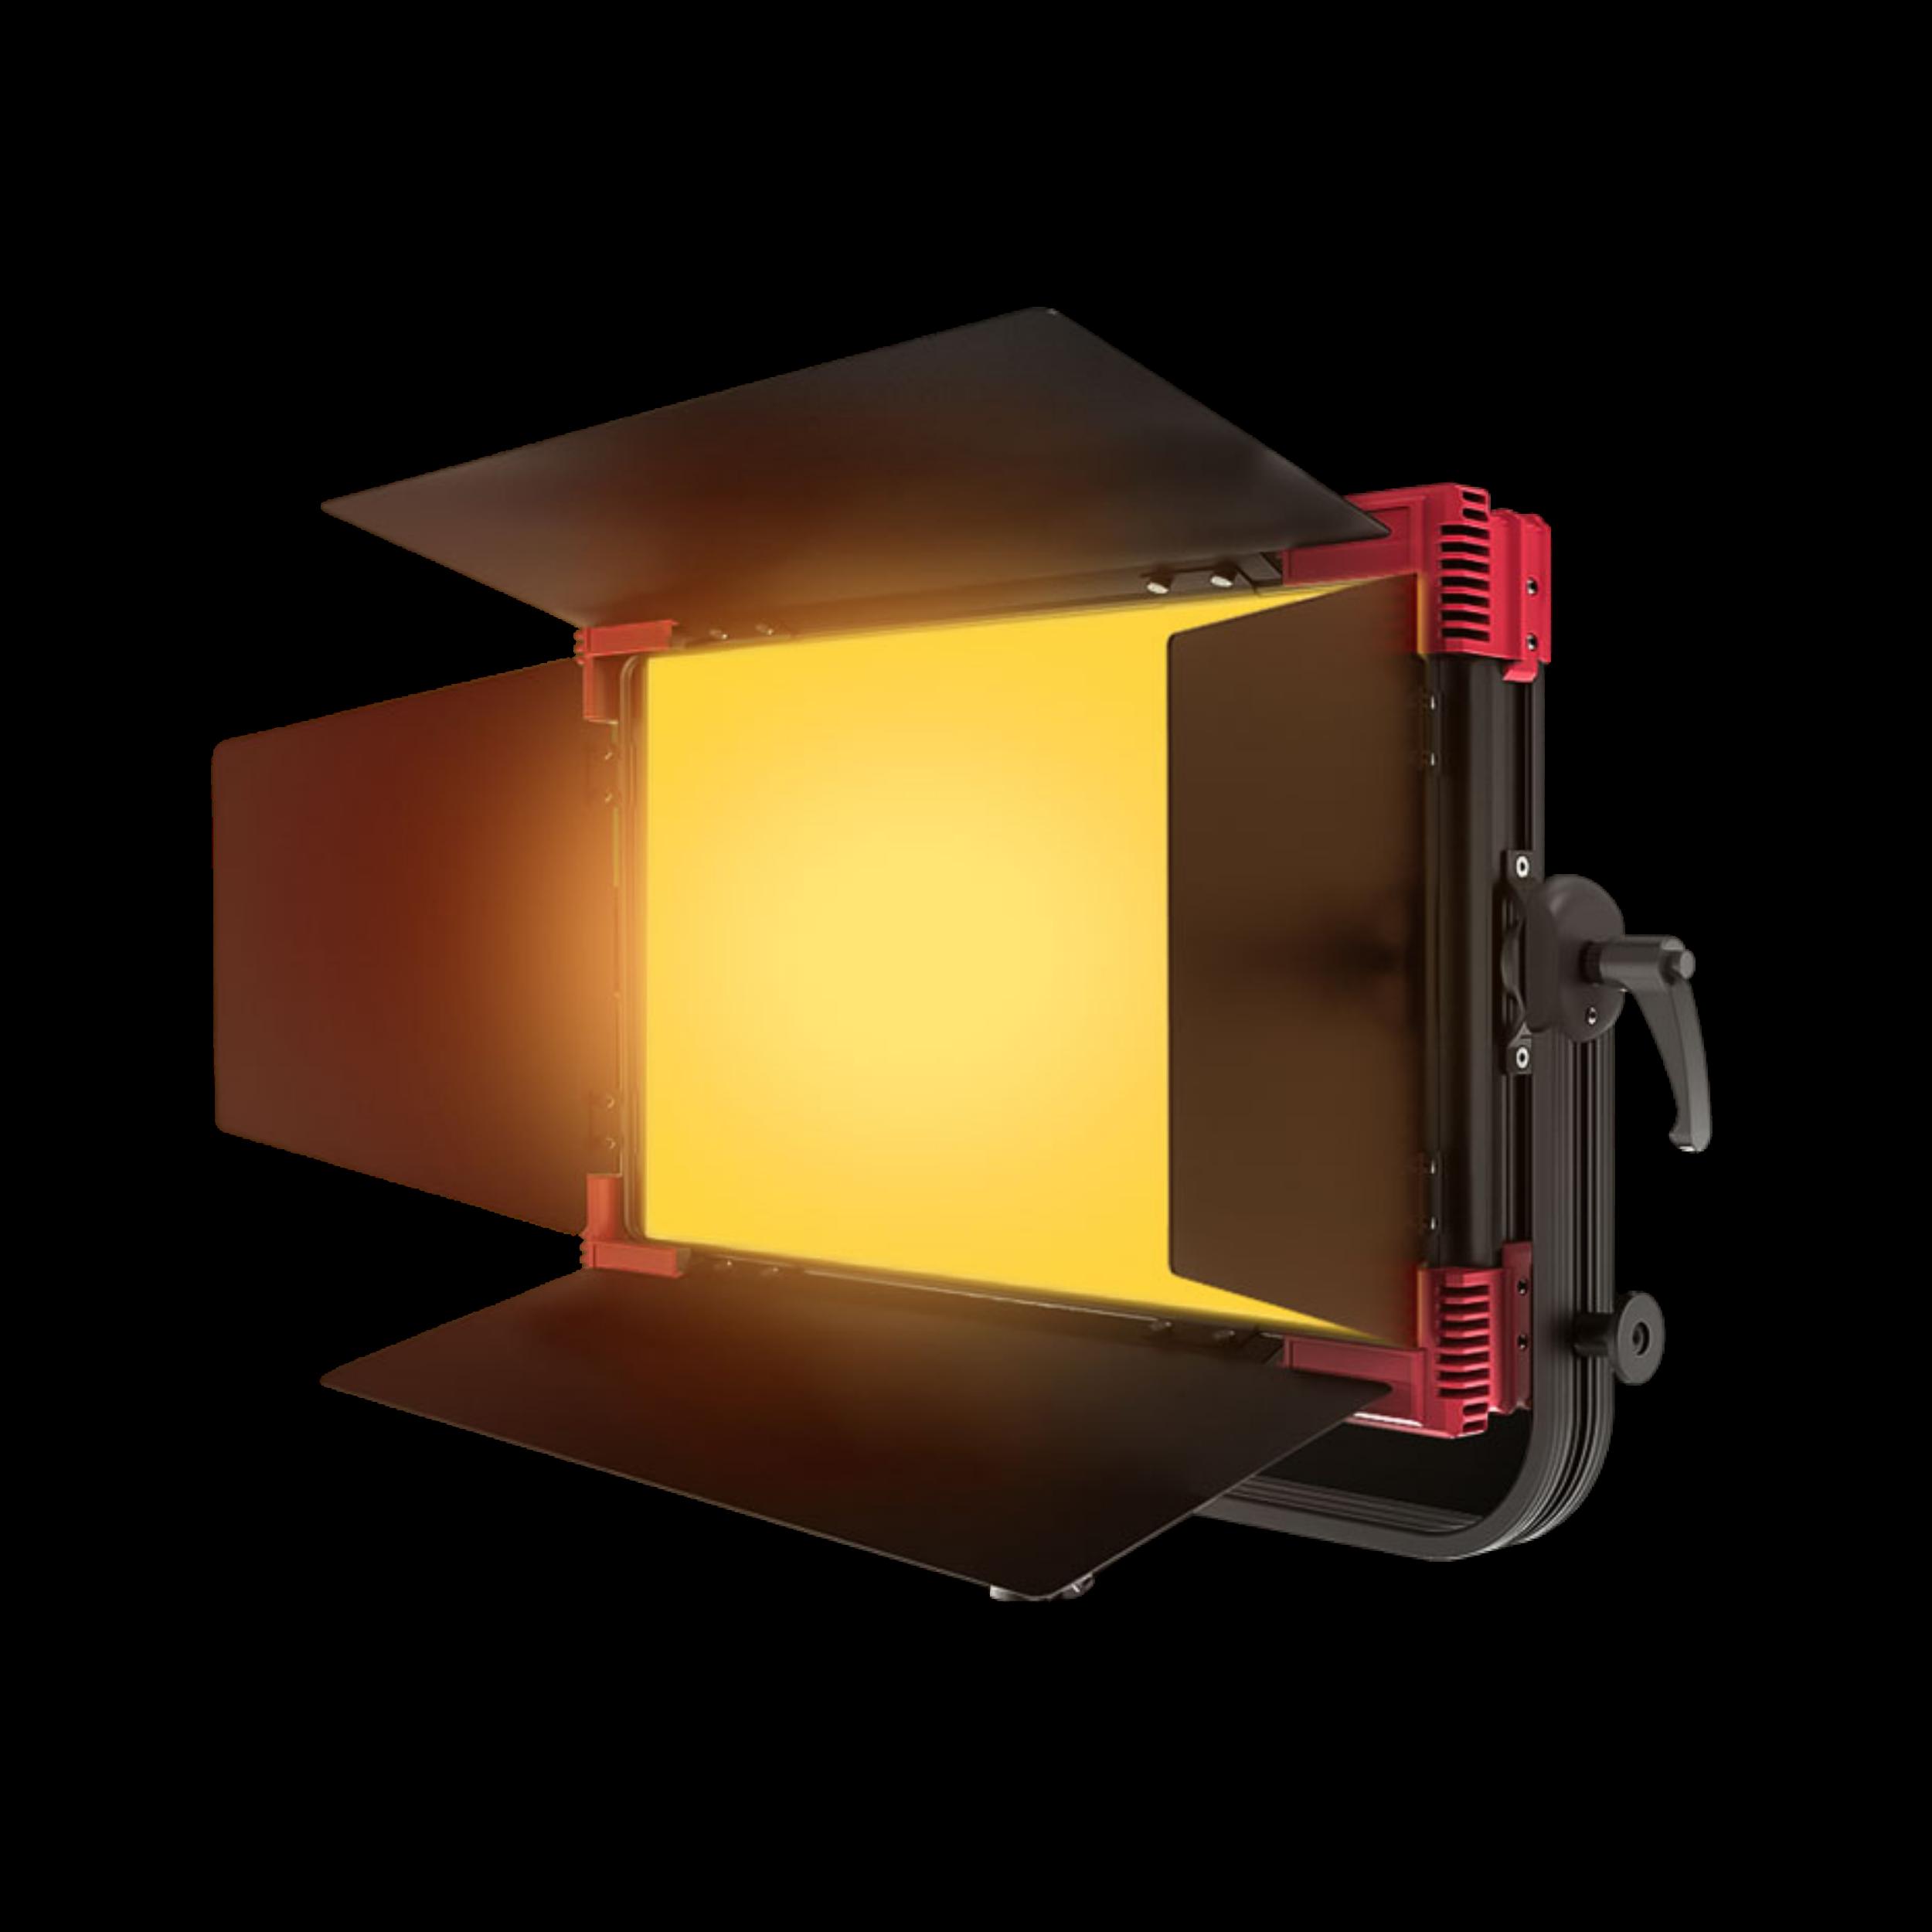 Rayzr MC 400 MAX RGBWW